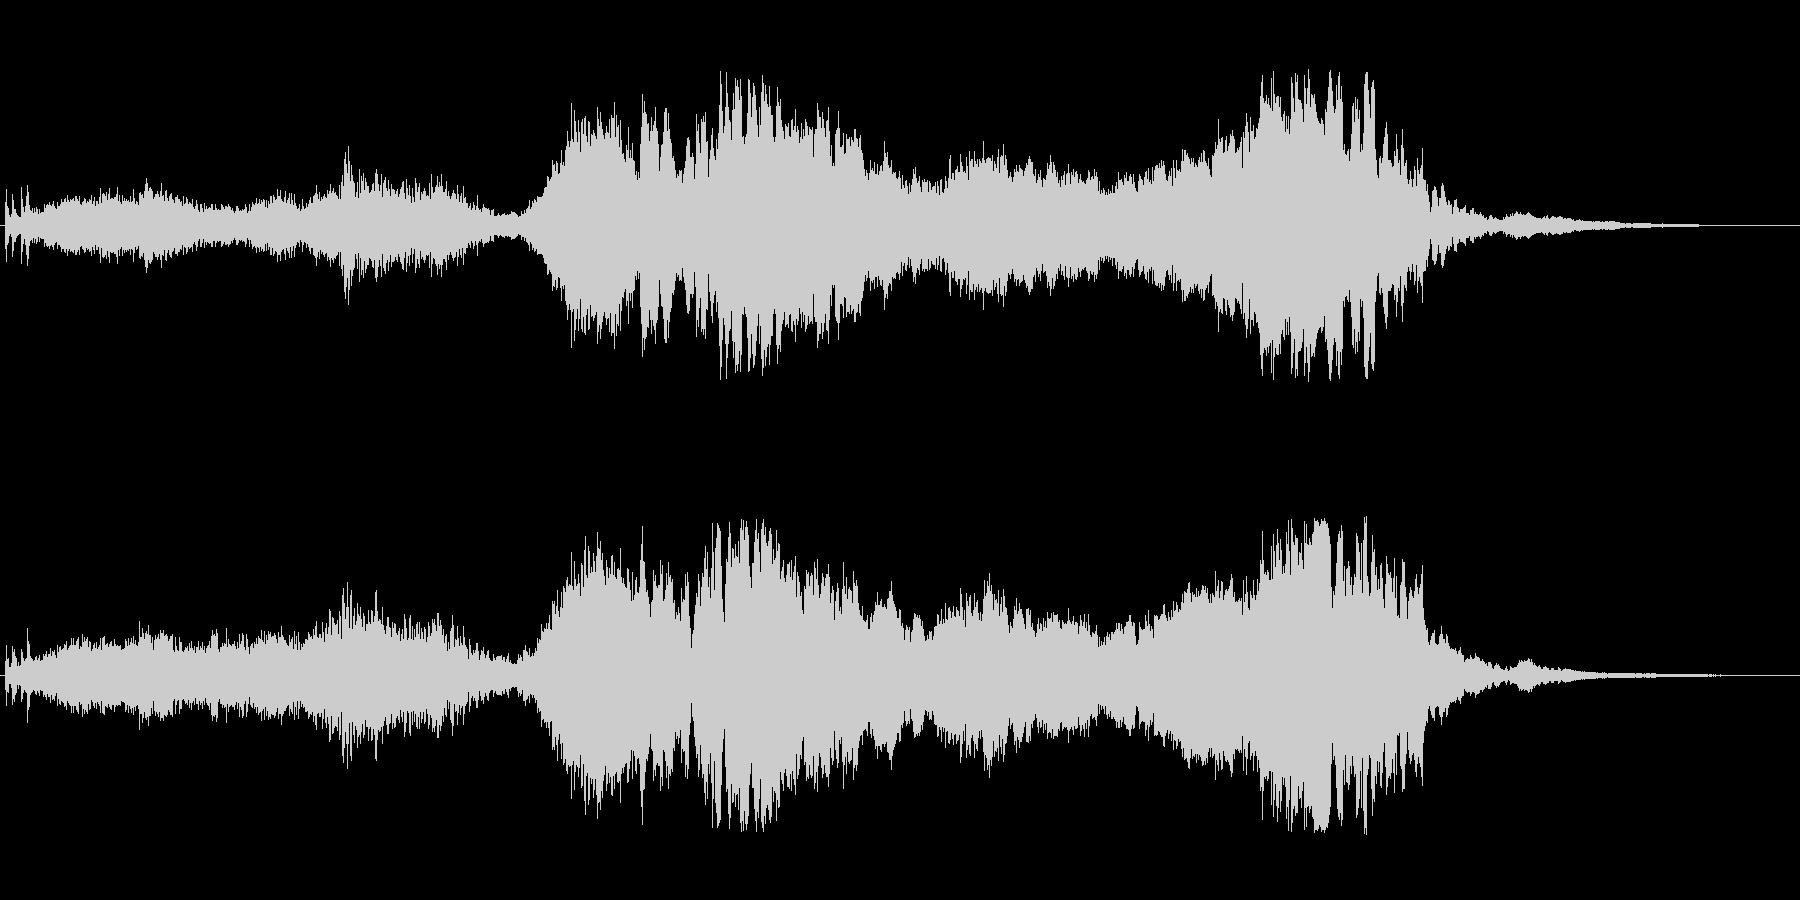 異空間がテーマのアイキャッチ音の未再生の波形